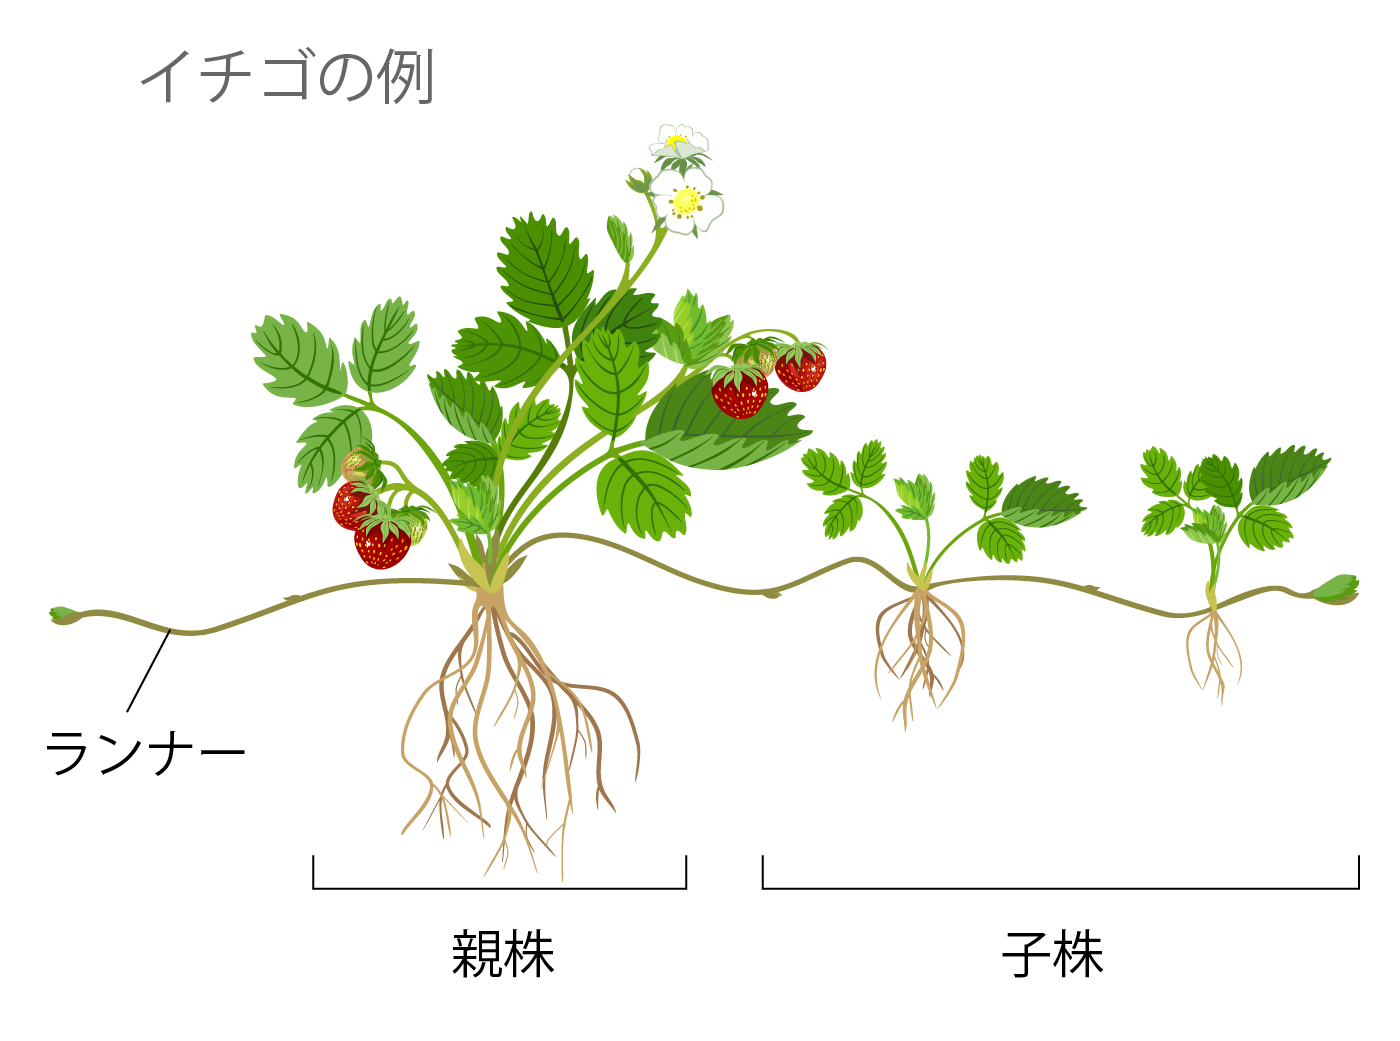 無性生殖 イチゴの例